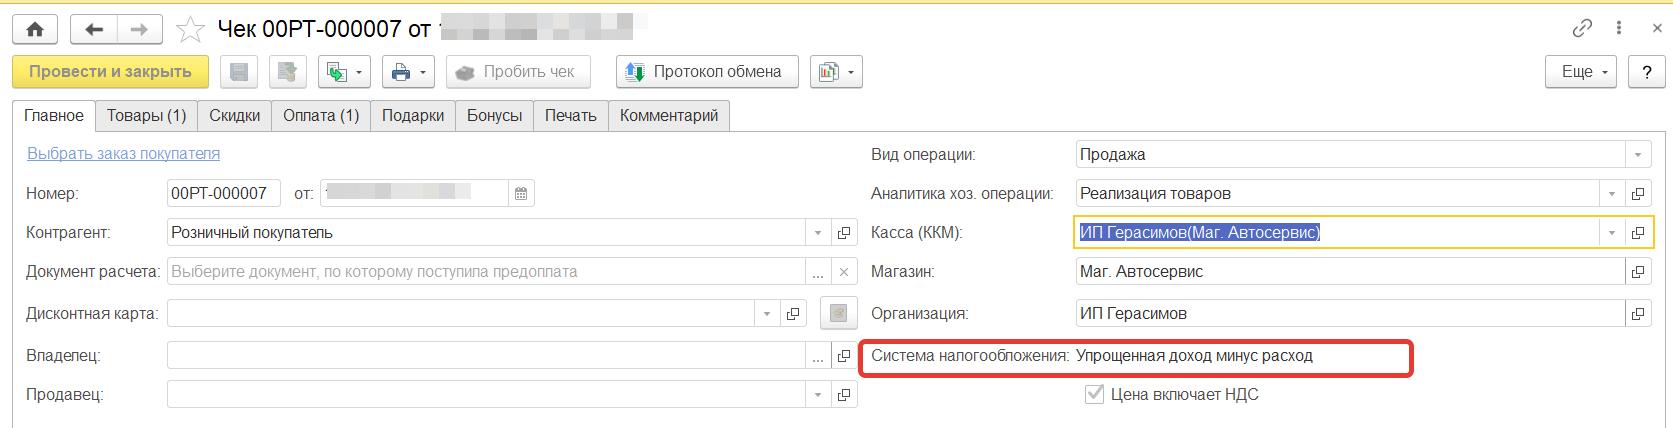 Настройка печати чека ККМ с разными системами налогообложения в «1С:Розница 2.3»